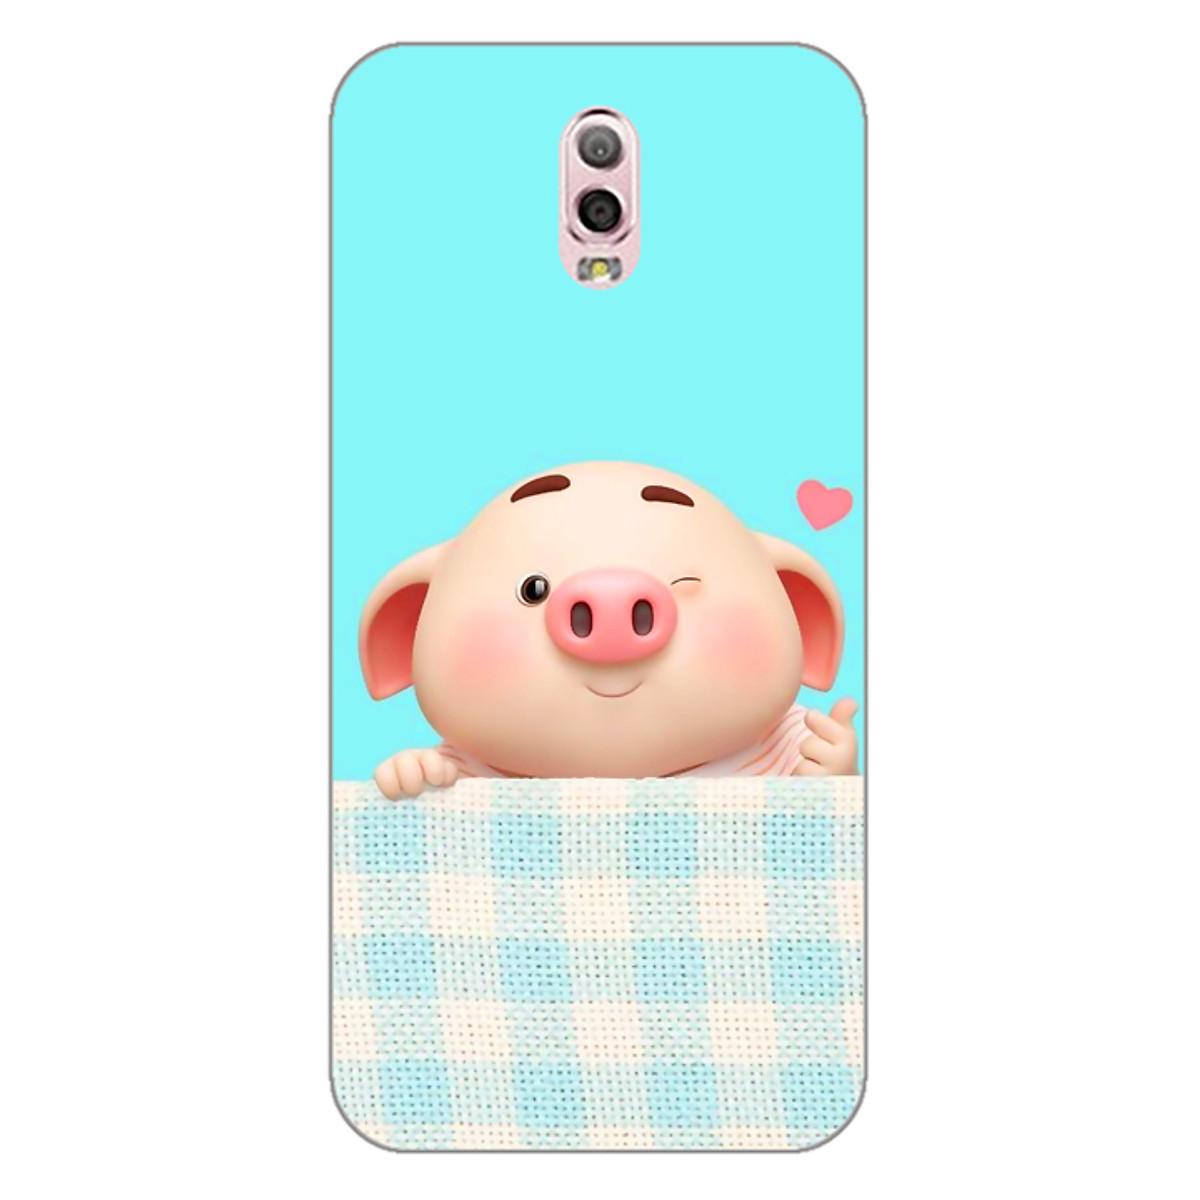 Ốp lưng dẻo cho điện thoại Samsung Galaxy J7 Plus _Pig Cute 07